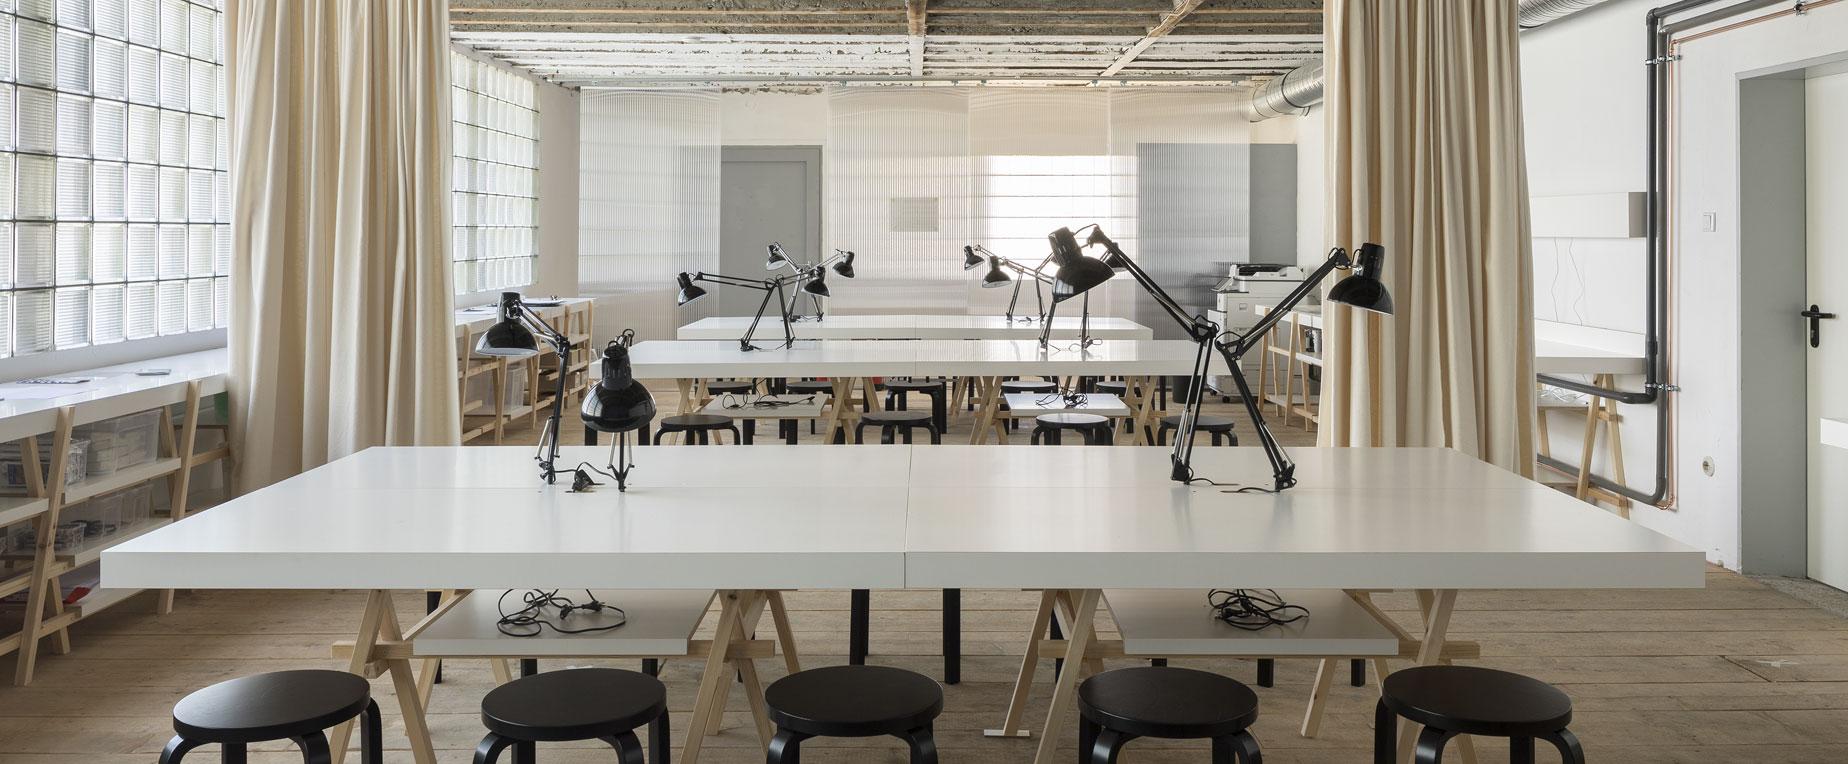 Münster Architekten start modulorbeat architekten münster